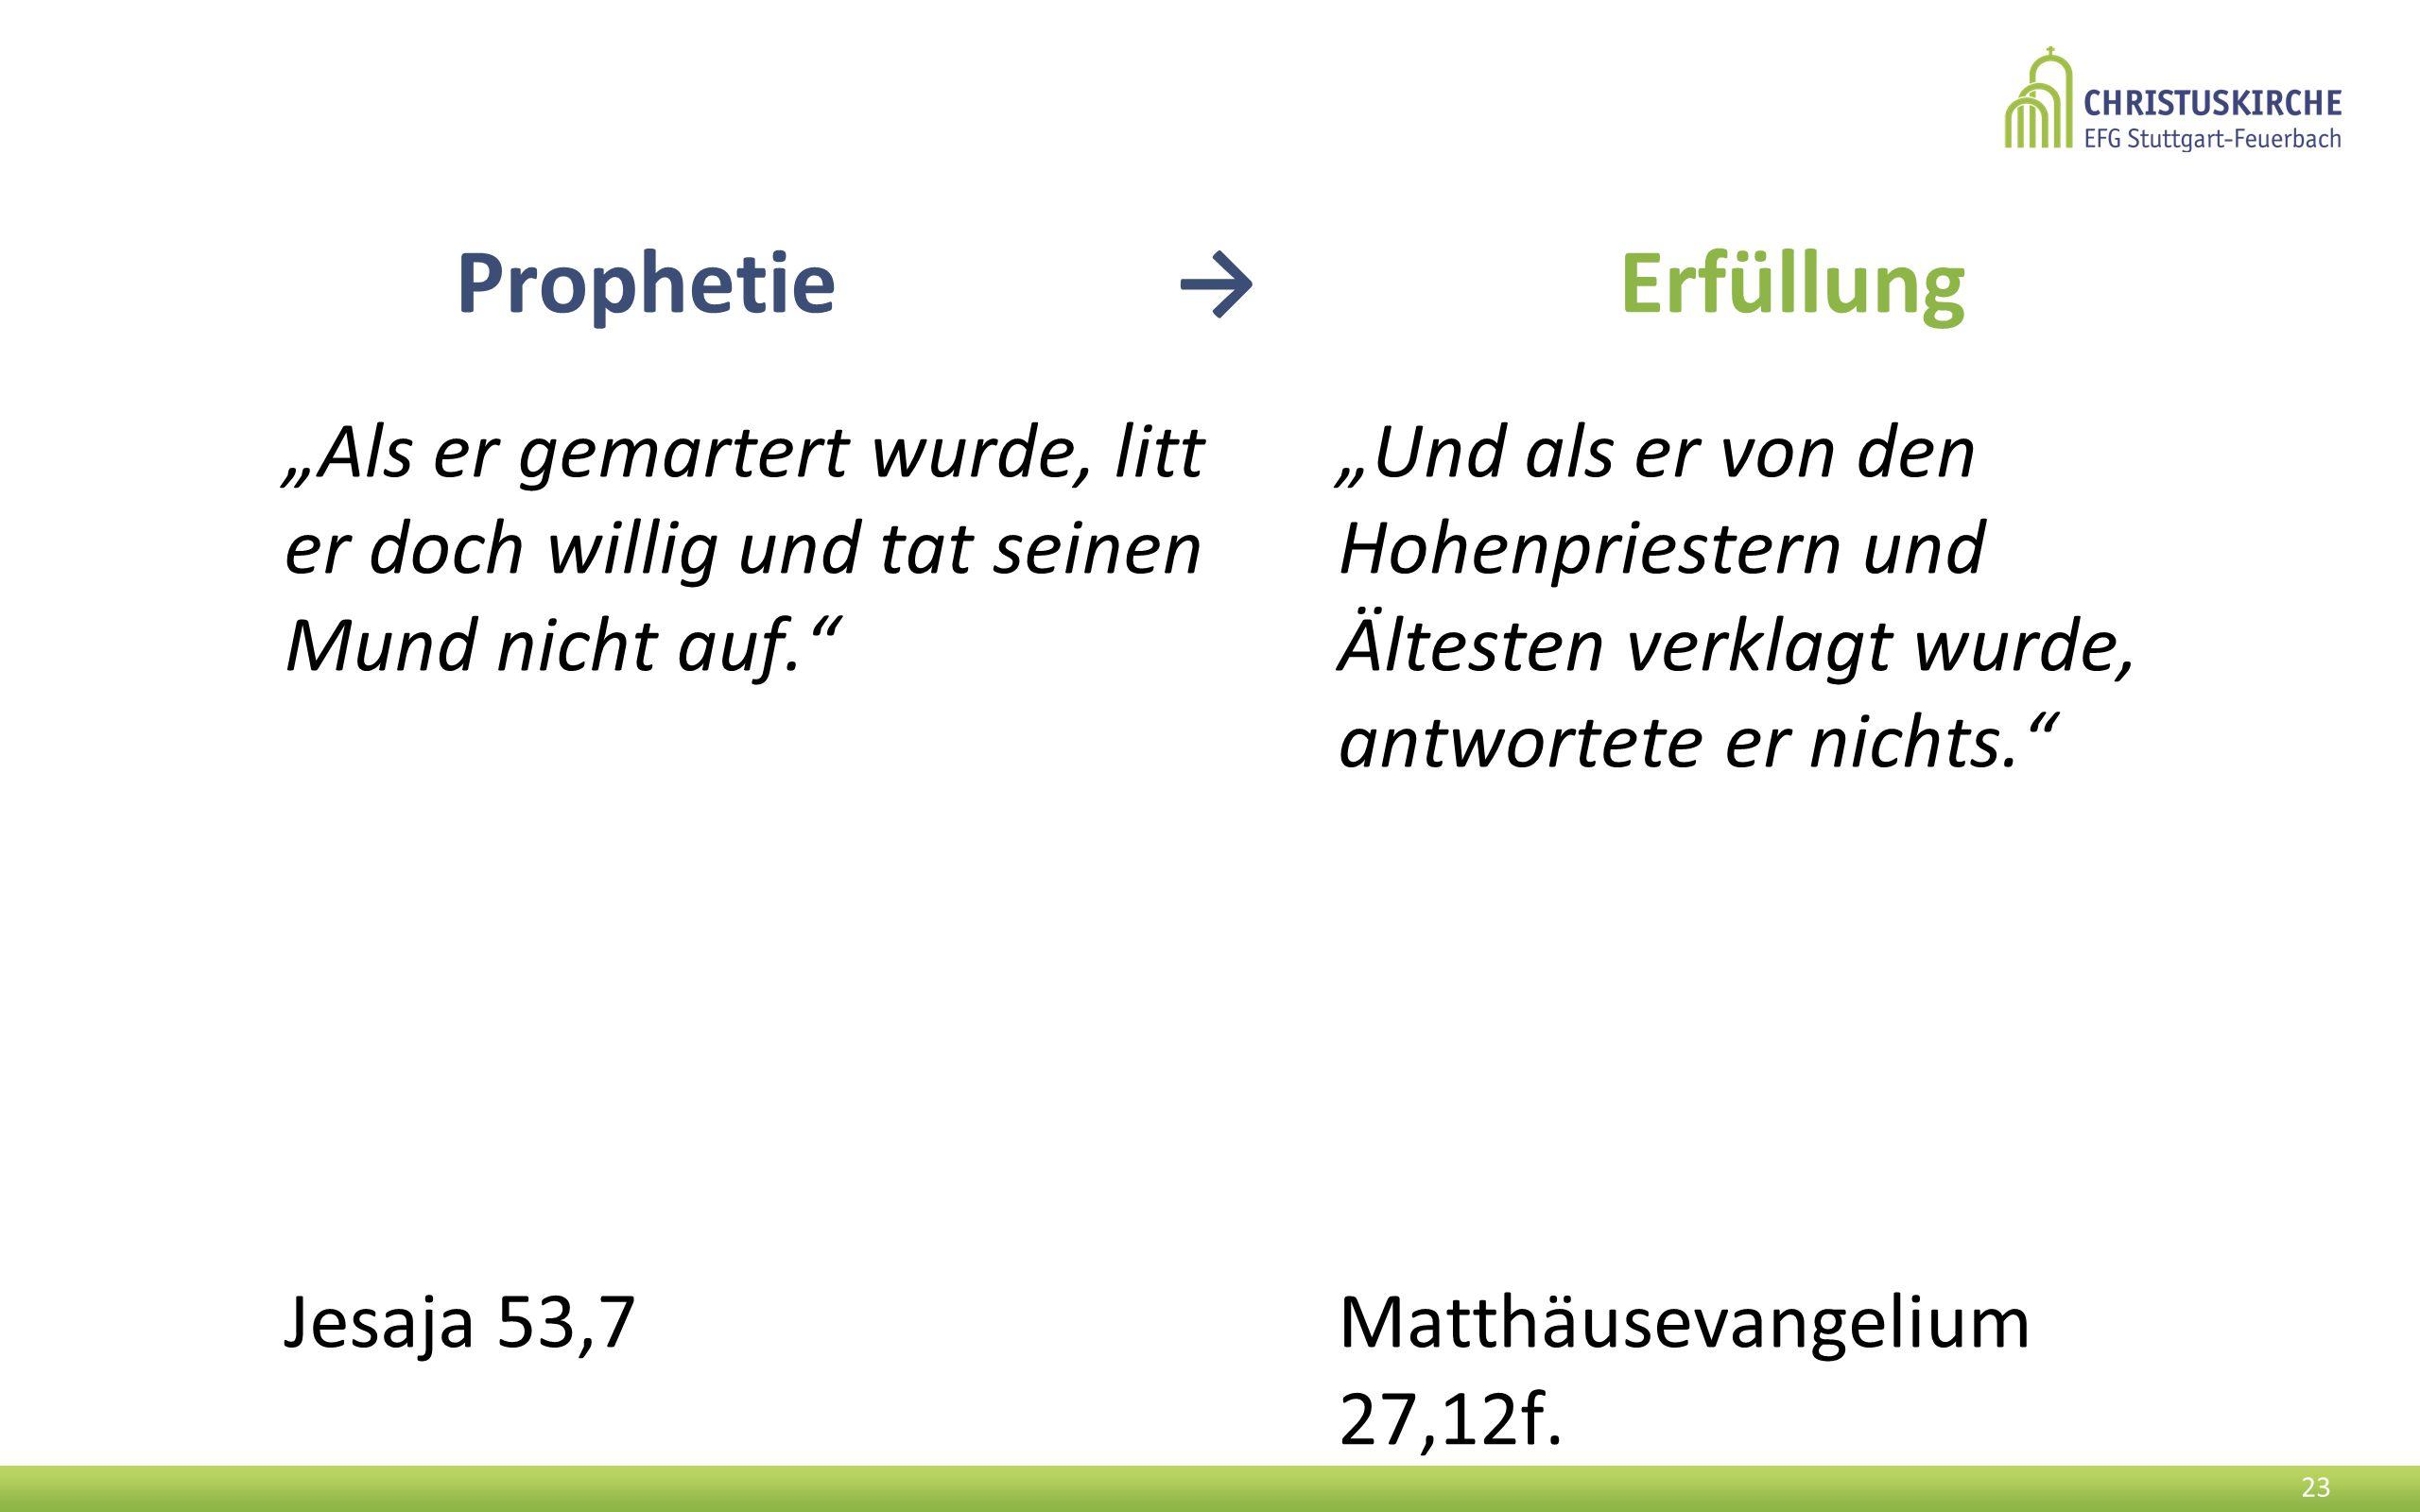 """Prophetie → Erfüllung """"Als er gemartert wurde, litt er doch willig und tat seinen Mund nicht auf."""